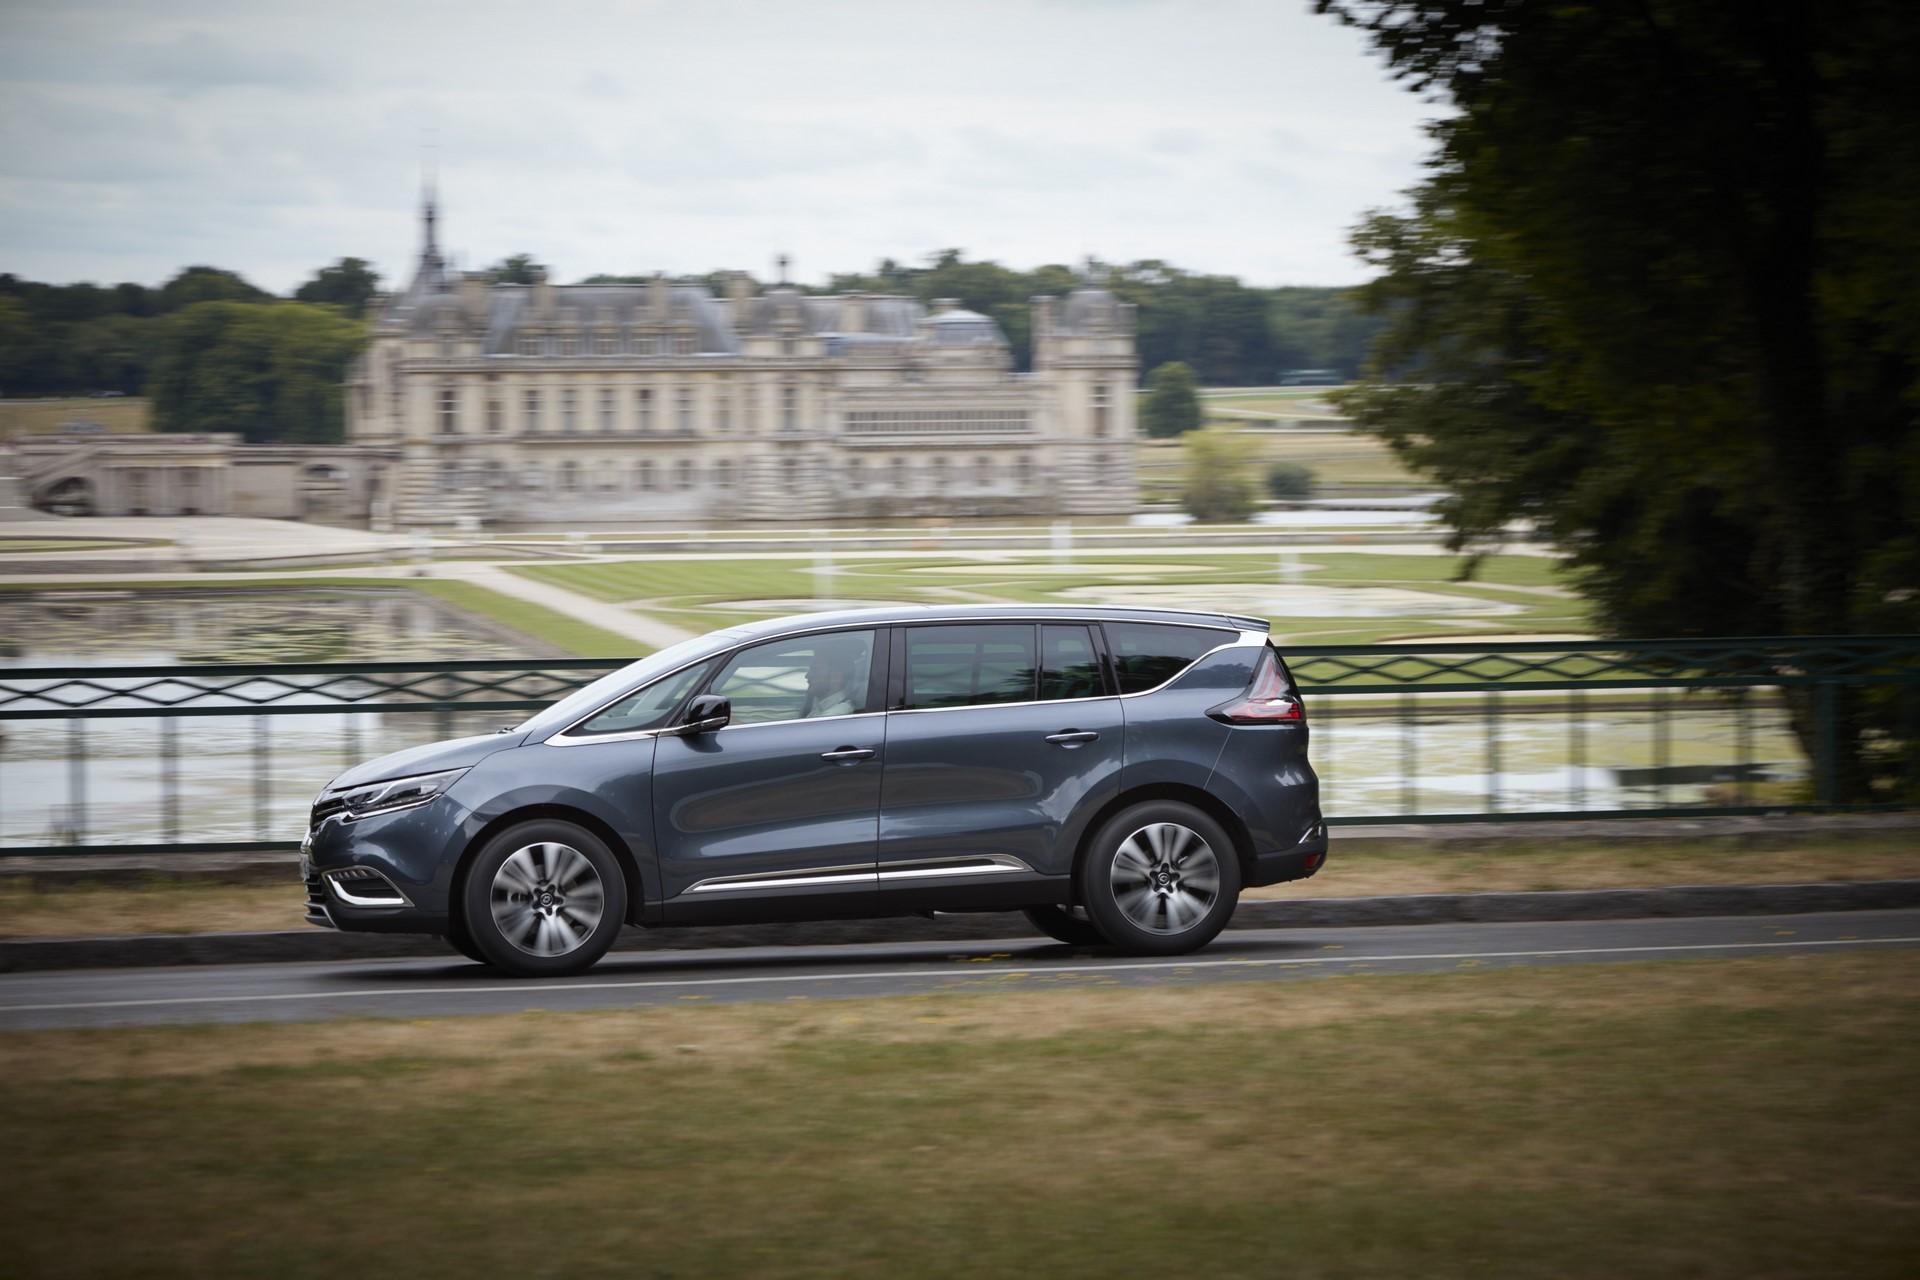 Renault_93239_global_en